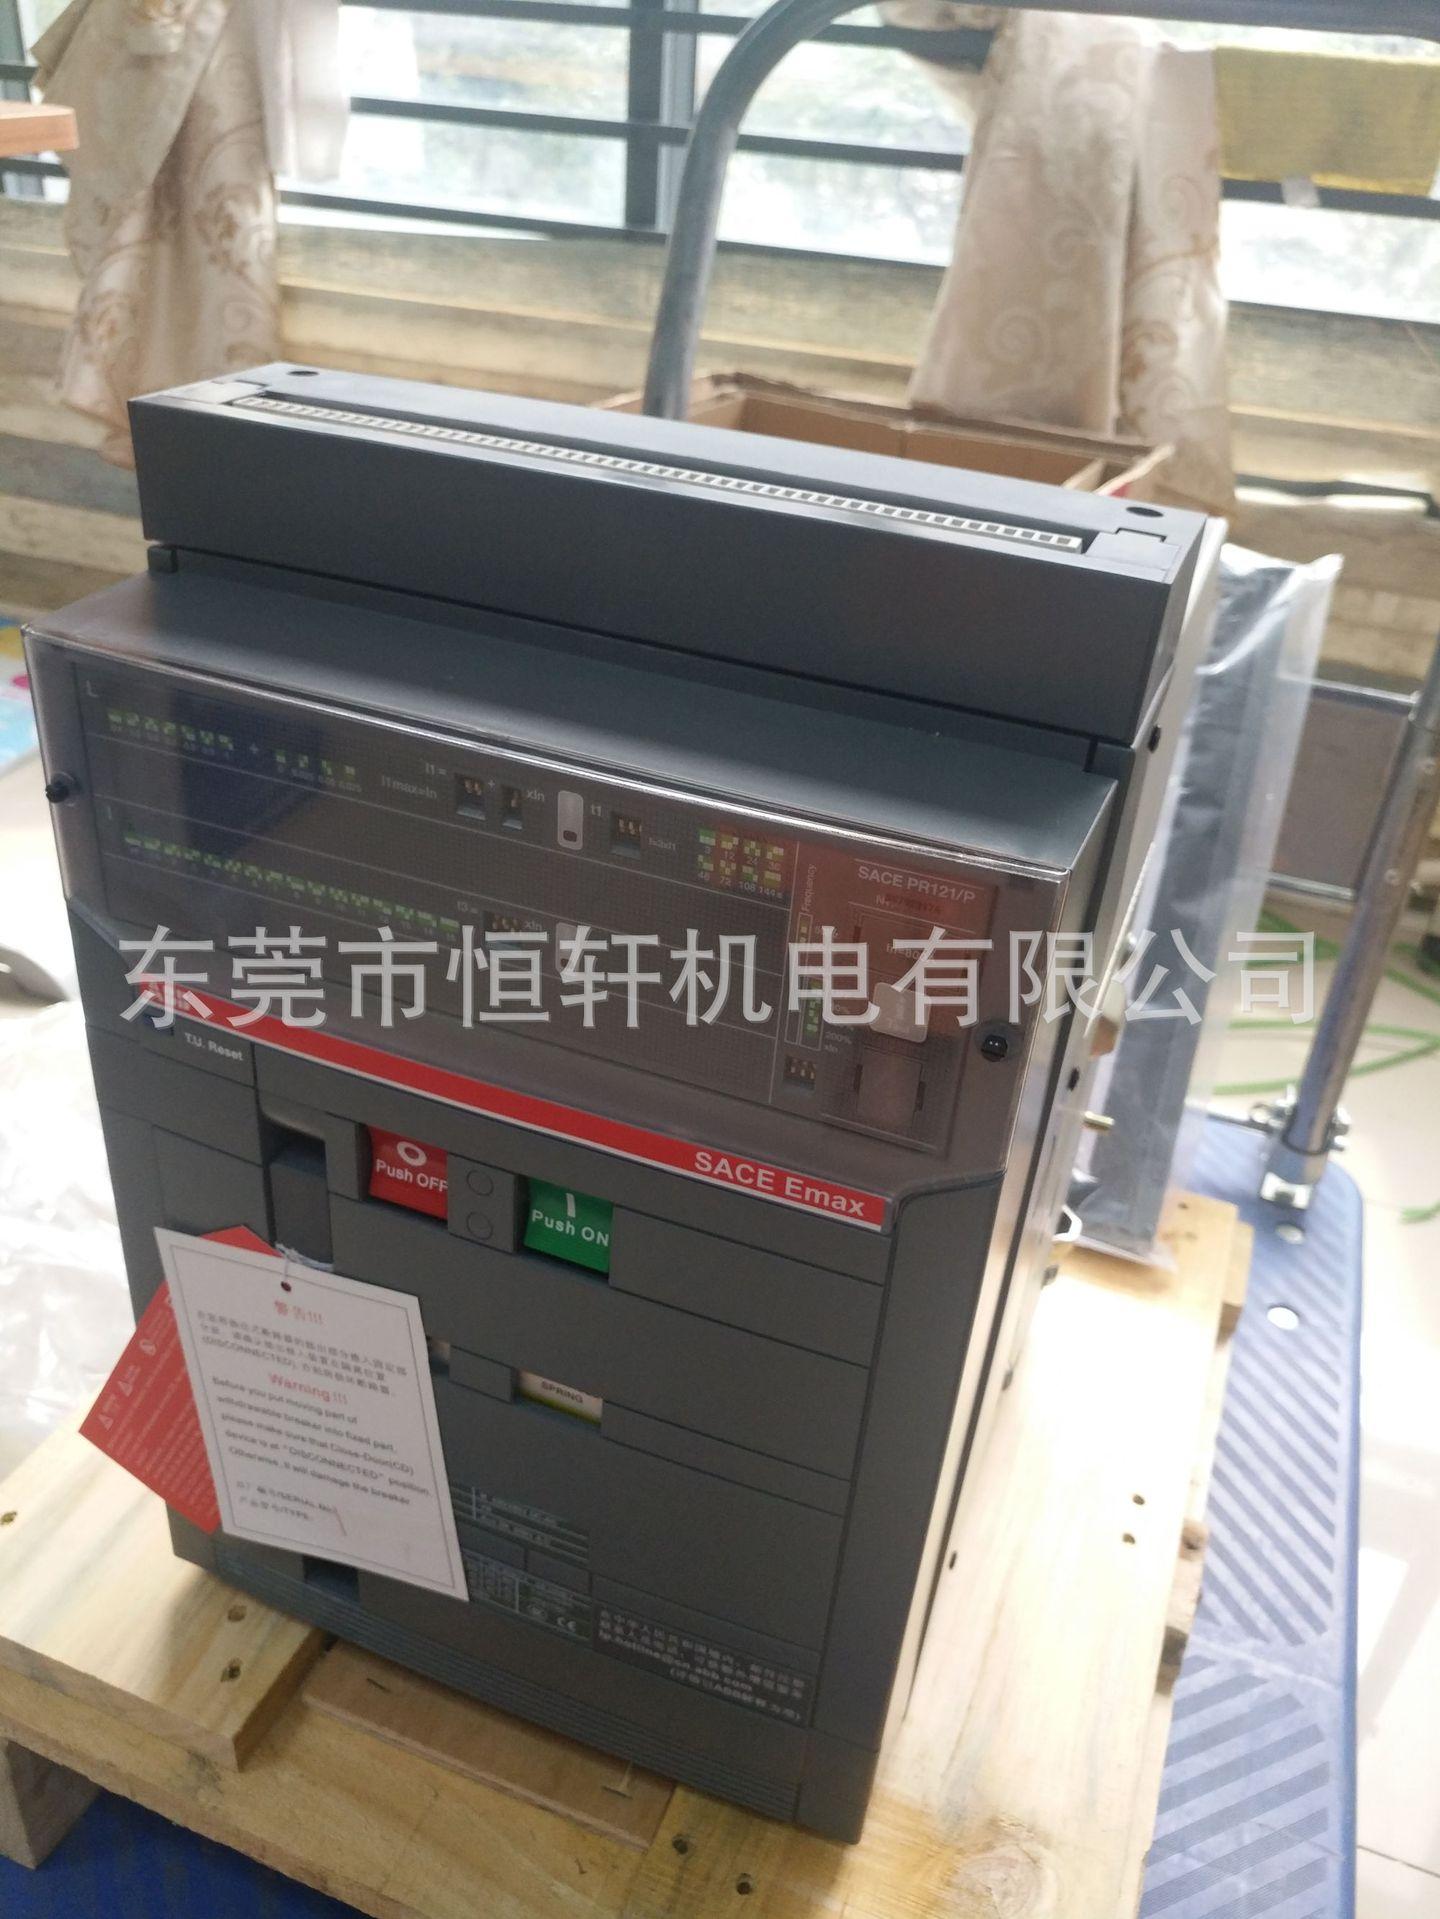 E3N3200 R2000 PR121/P-LI WMP 3 người. NST mới phát hành của thiết bịE3N3200 R2000 PR121/P-LI WMP 3 n